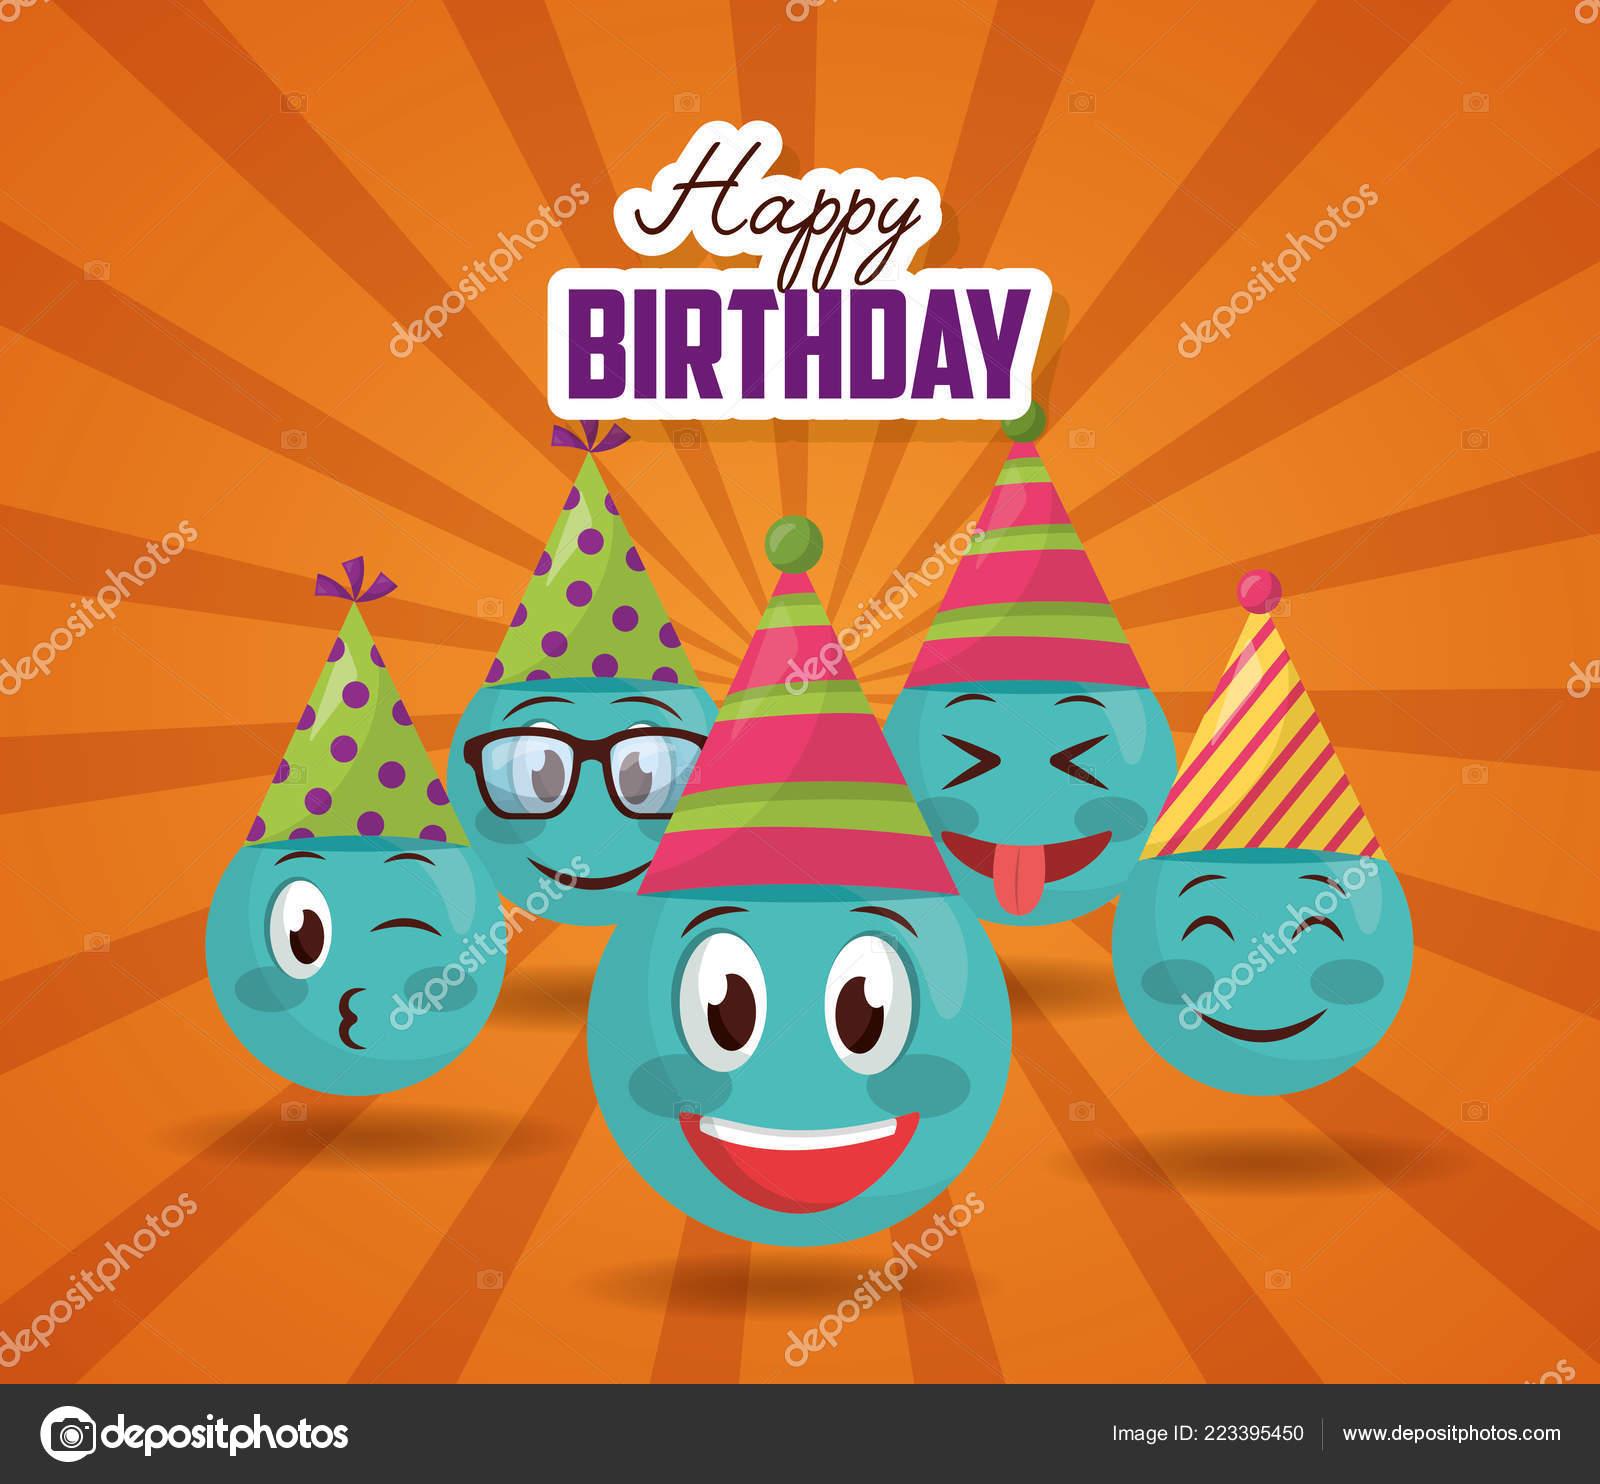 Happy Birthday Emoji Faces Smile Party Hat Stock Vector